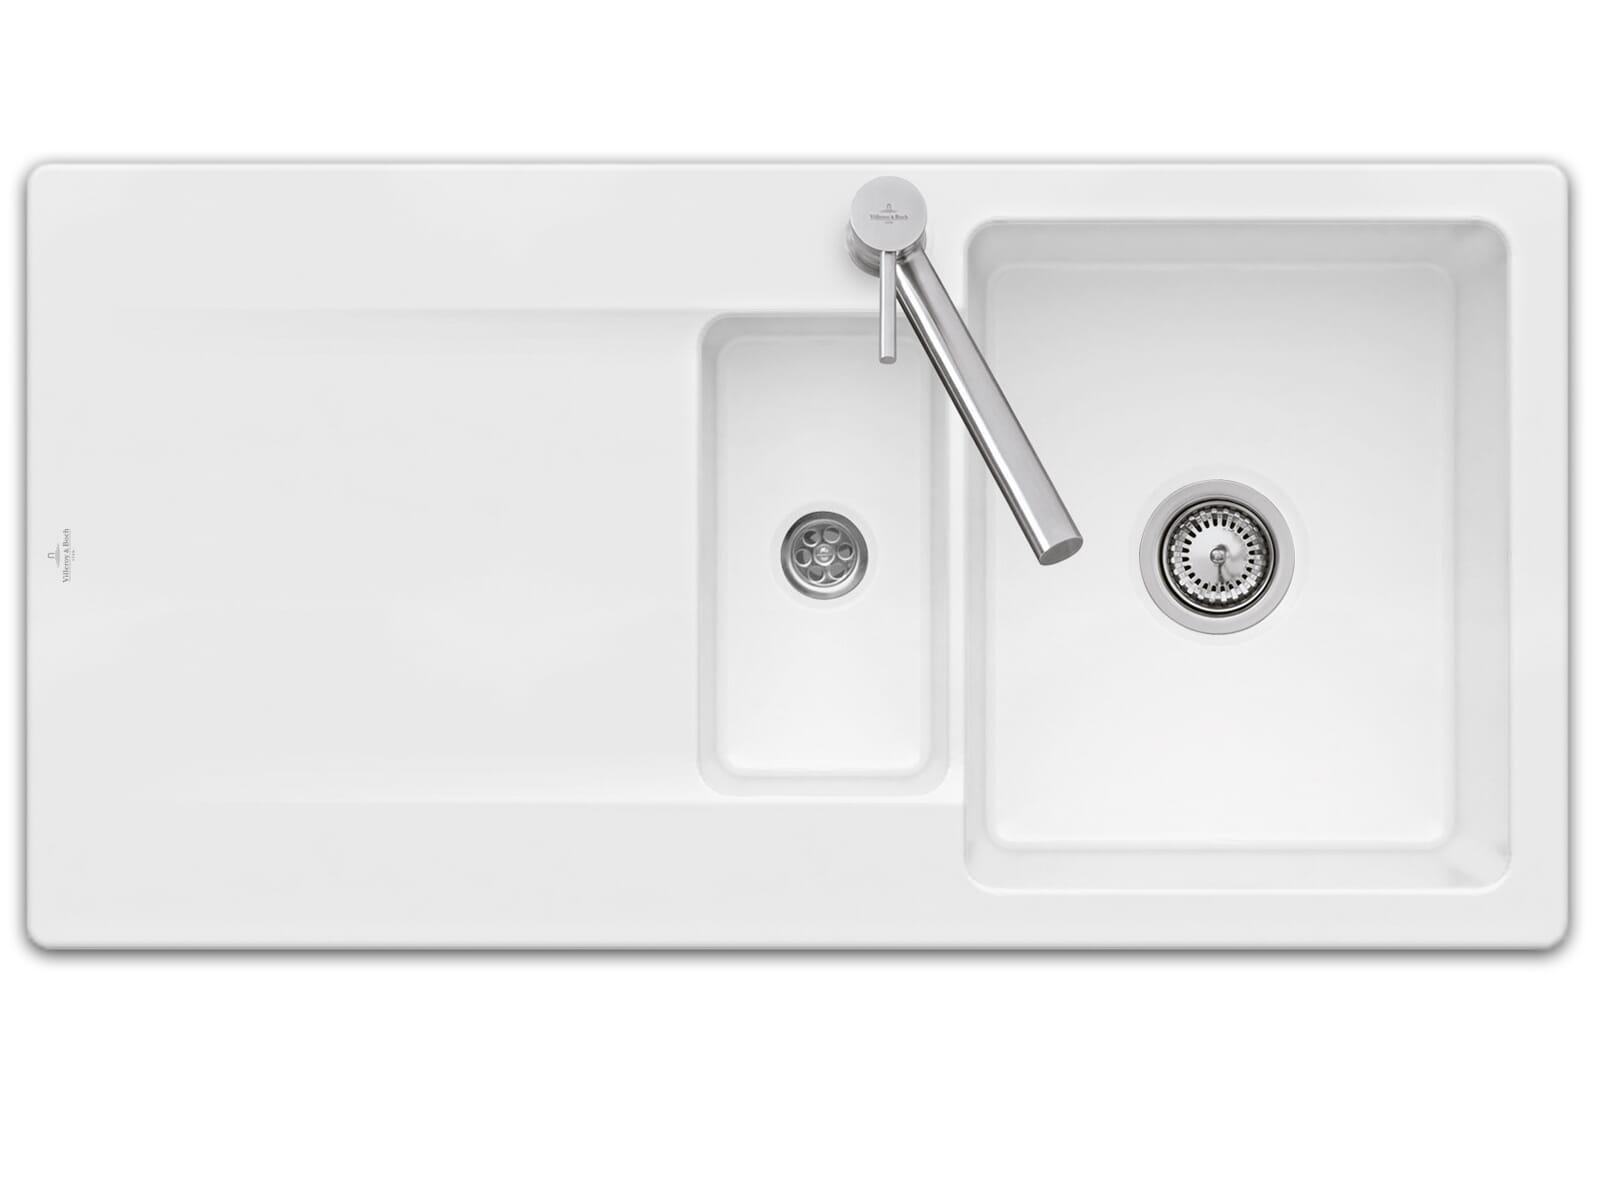 Villeroy & Boch Siluet 60 R - 3337 01 R1 Weiß (alpin) Keramikspüle Handbetätigung